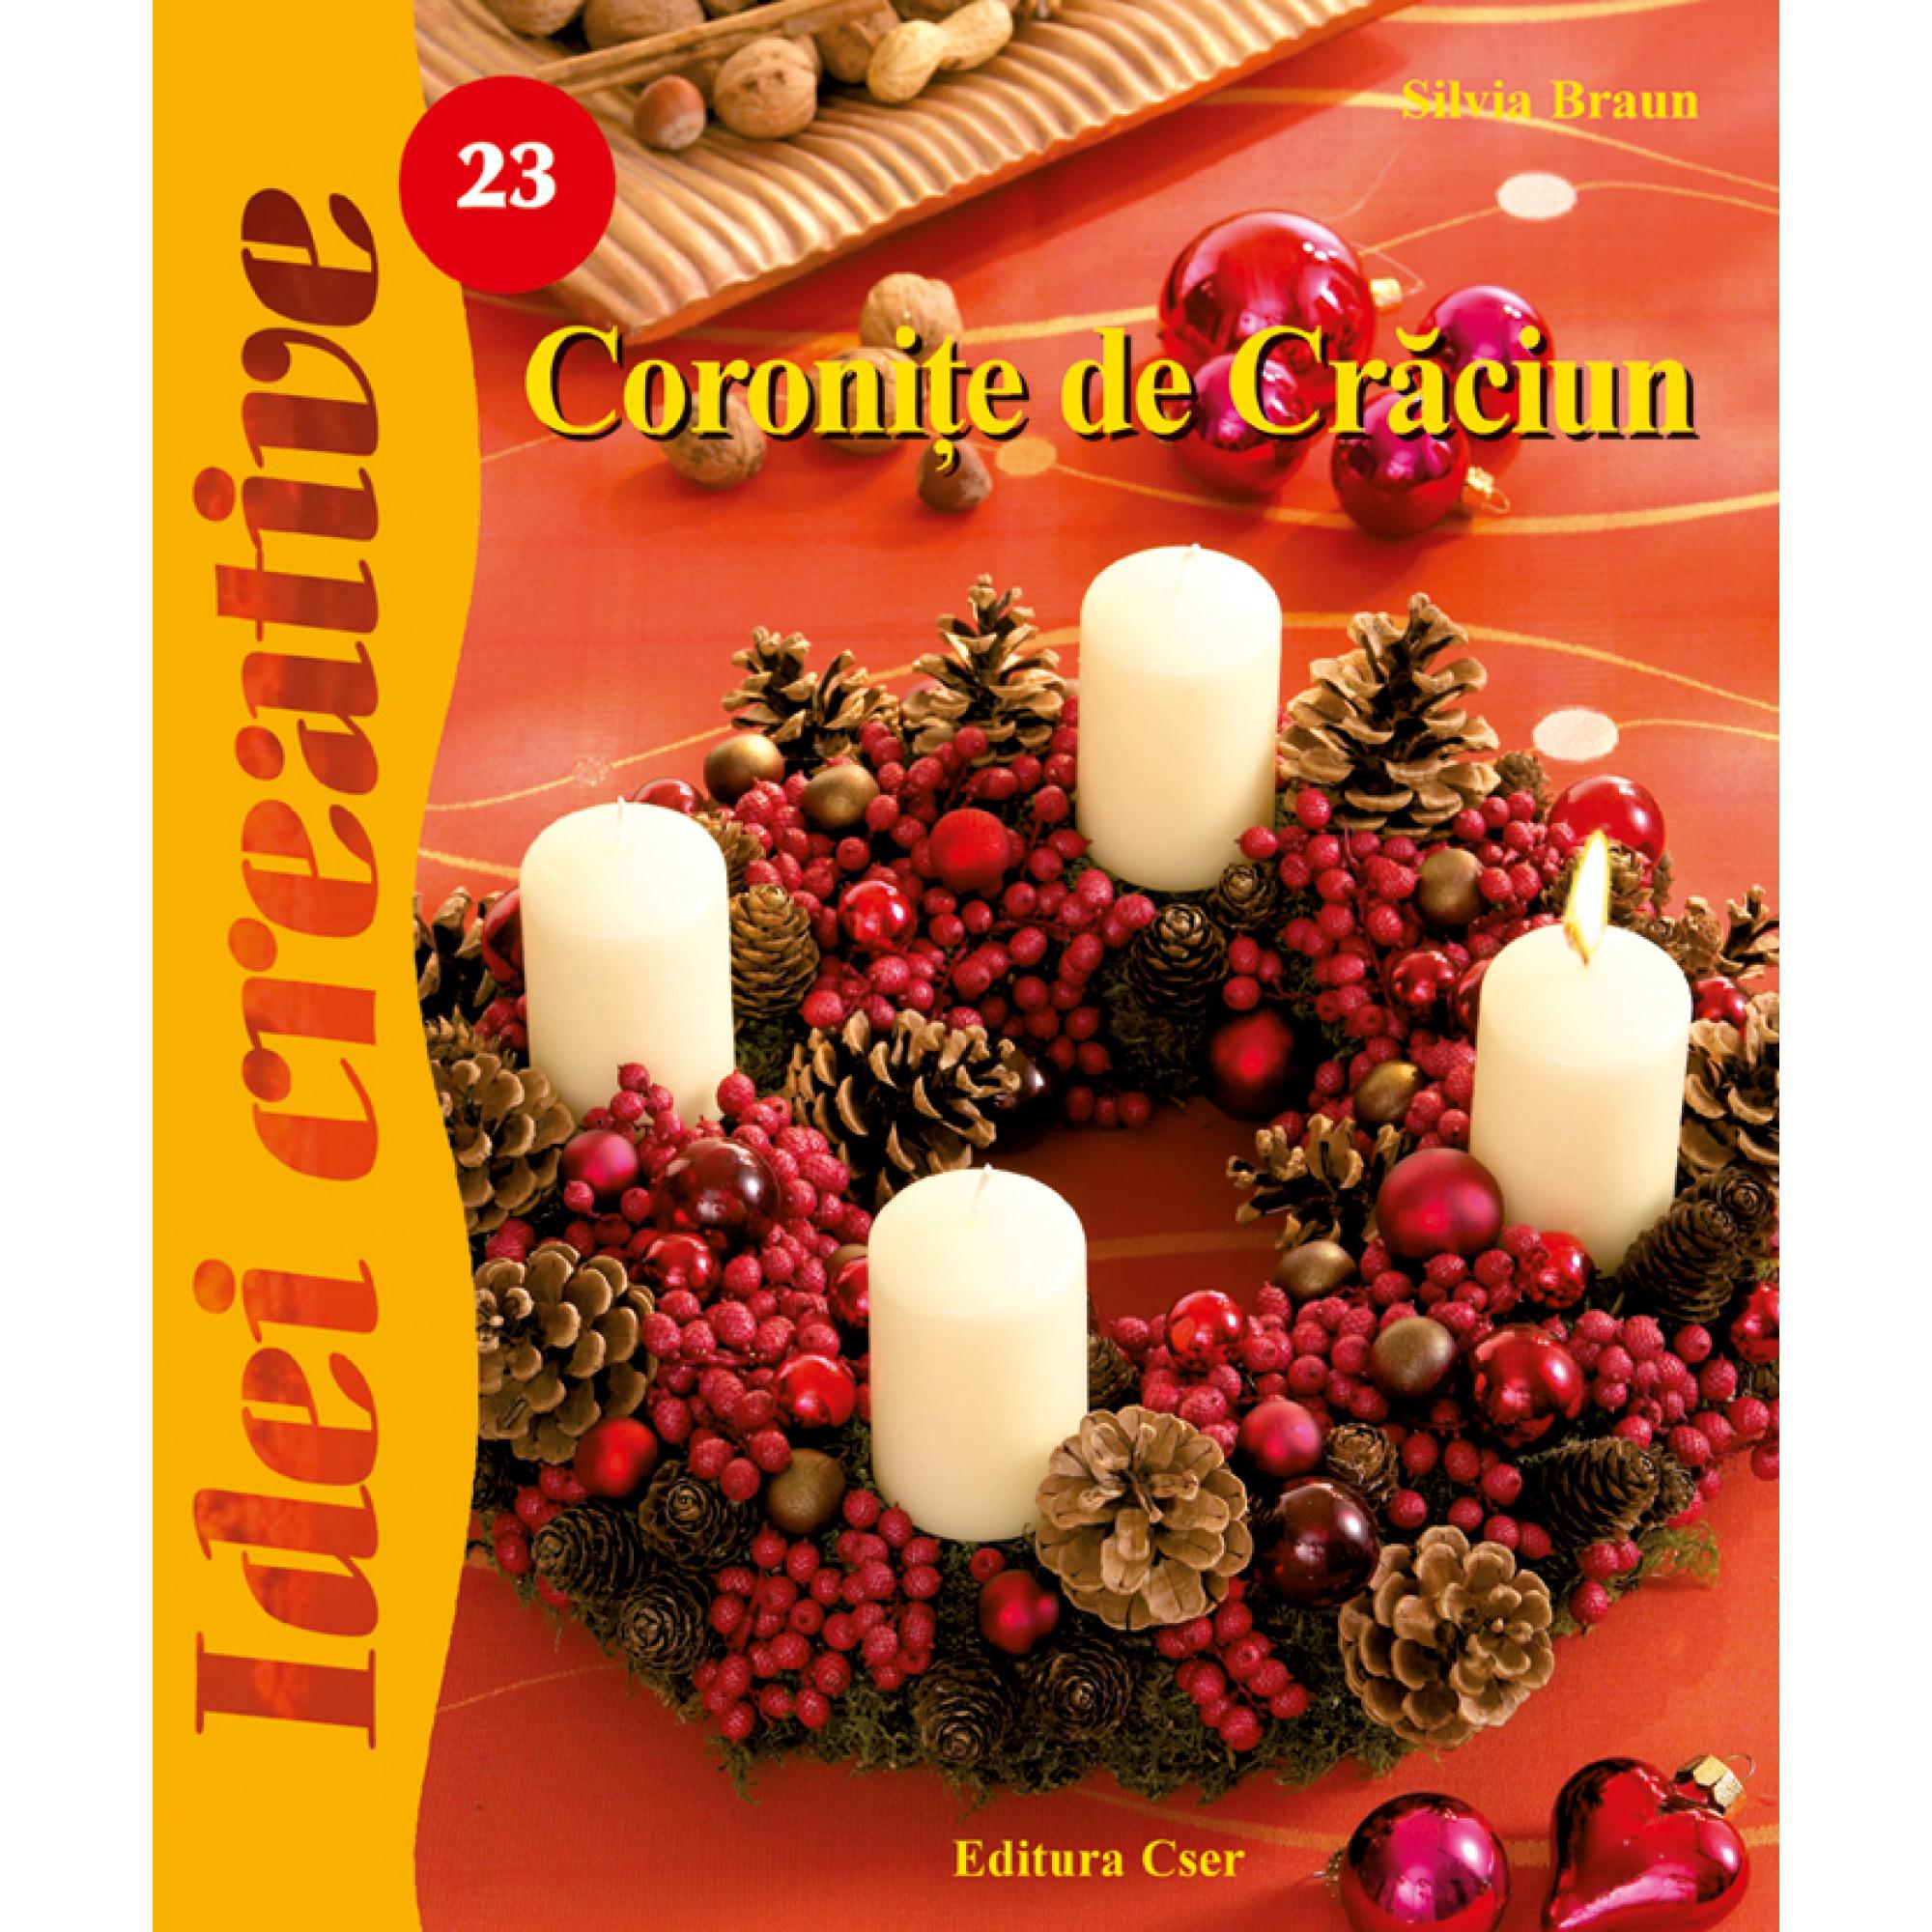 Coroniţe de Crăciun - Idei Creative 23